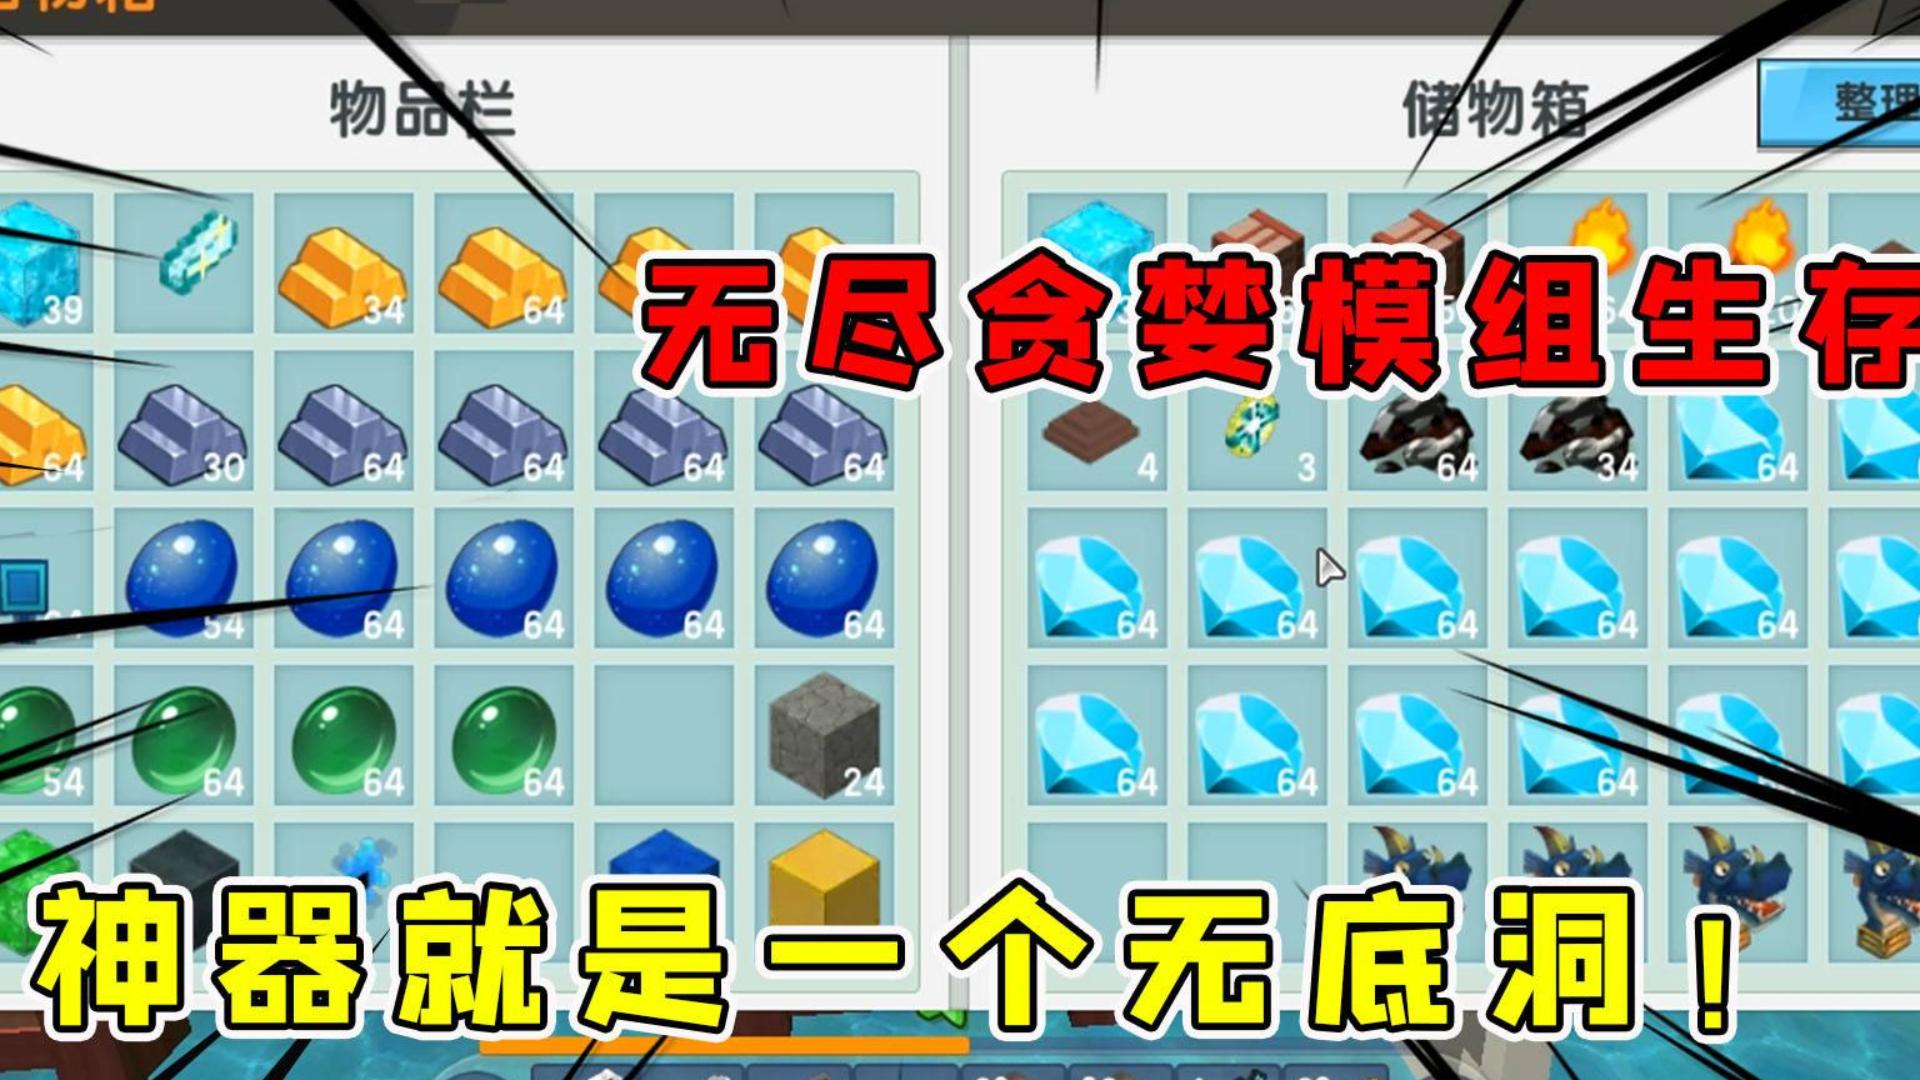 迷你世界:无尽贪婪模组生存3,神器就是一个无底洞,钻石一箱子都不够